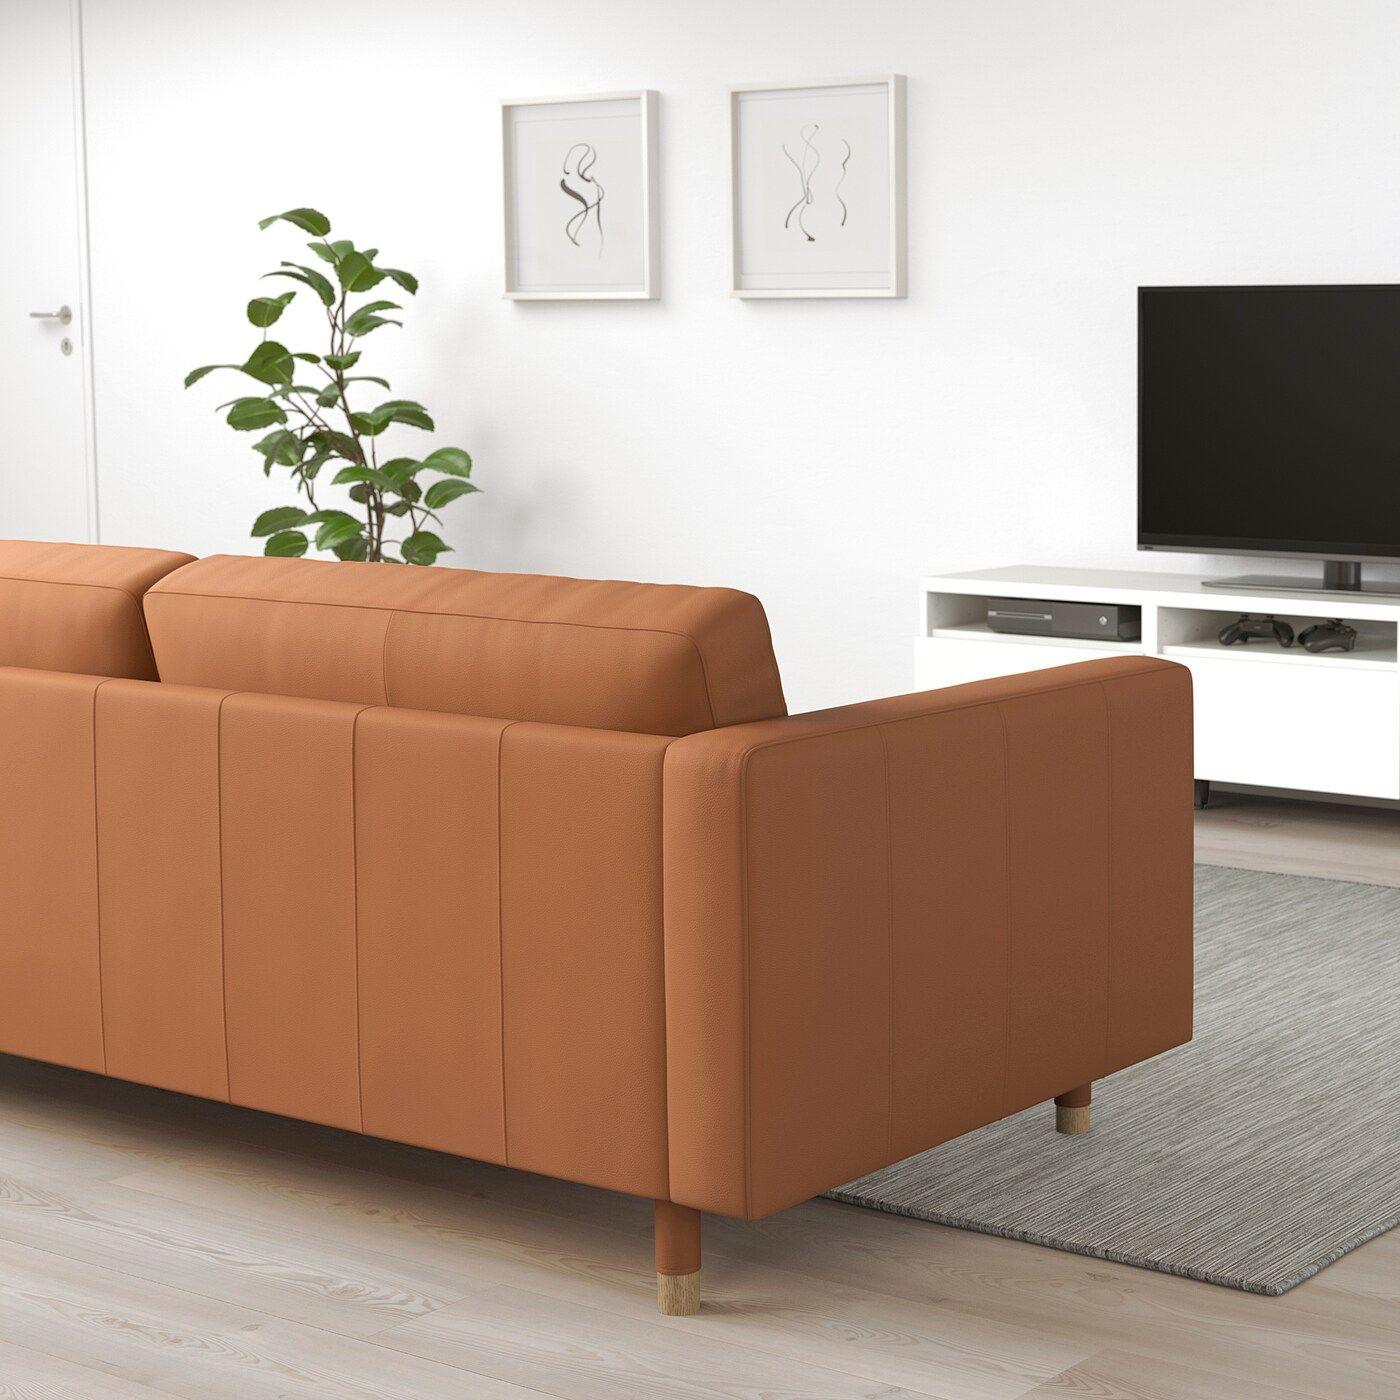 LANDSKRONA Sectional, 5-seat corner – Grann/Bomstad golden brown/wood – IKEA